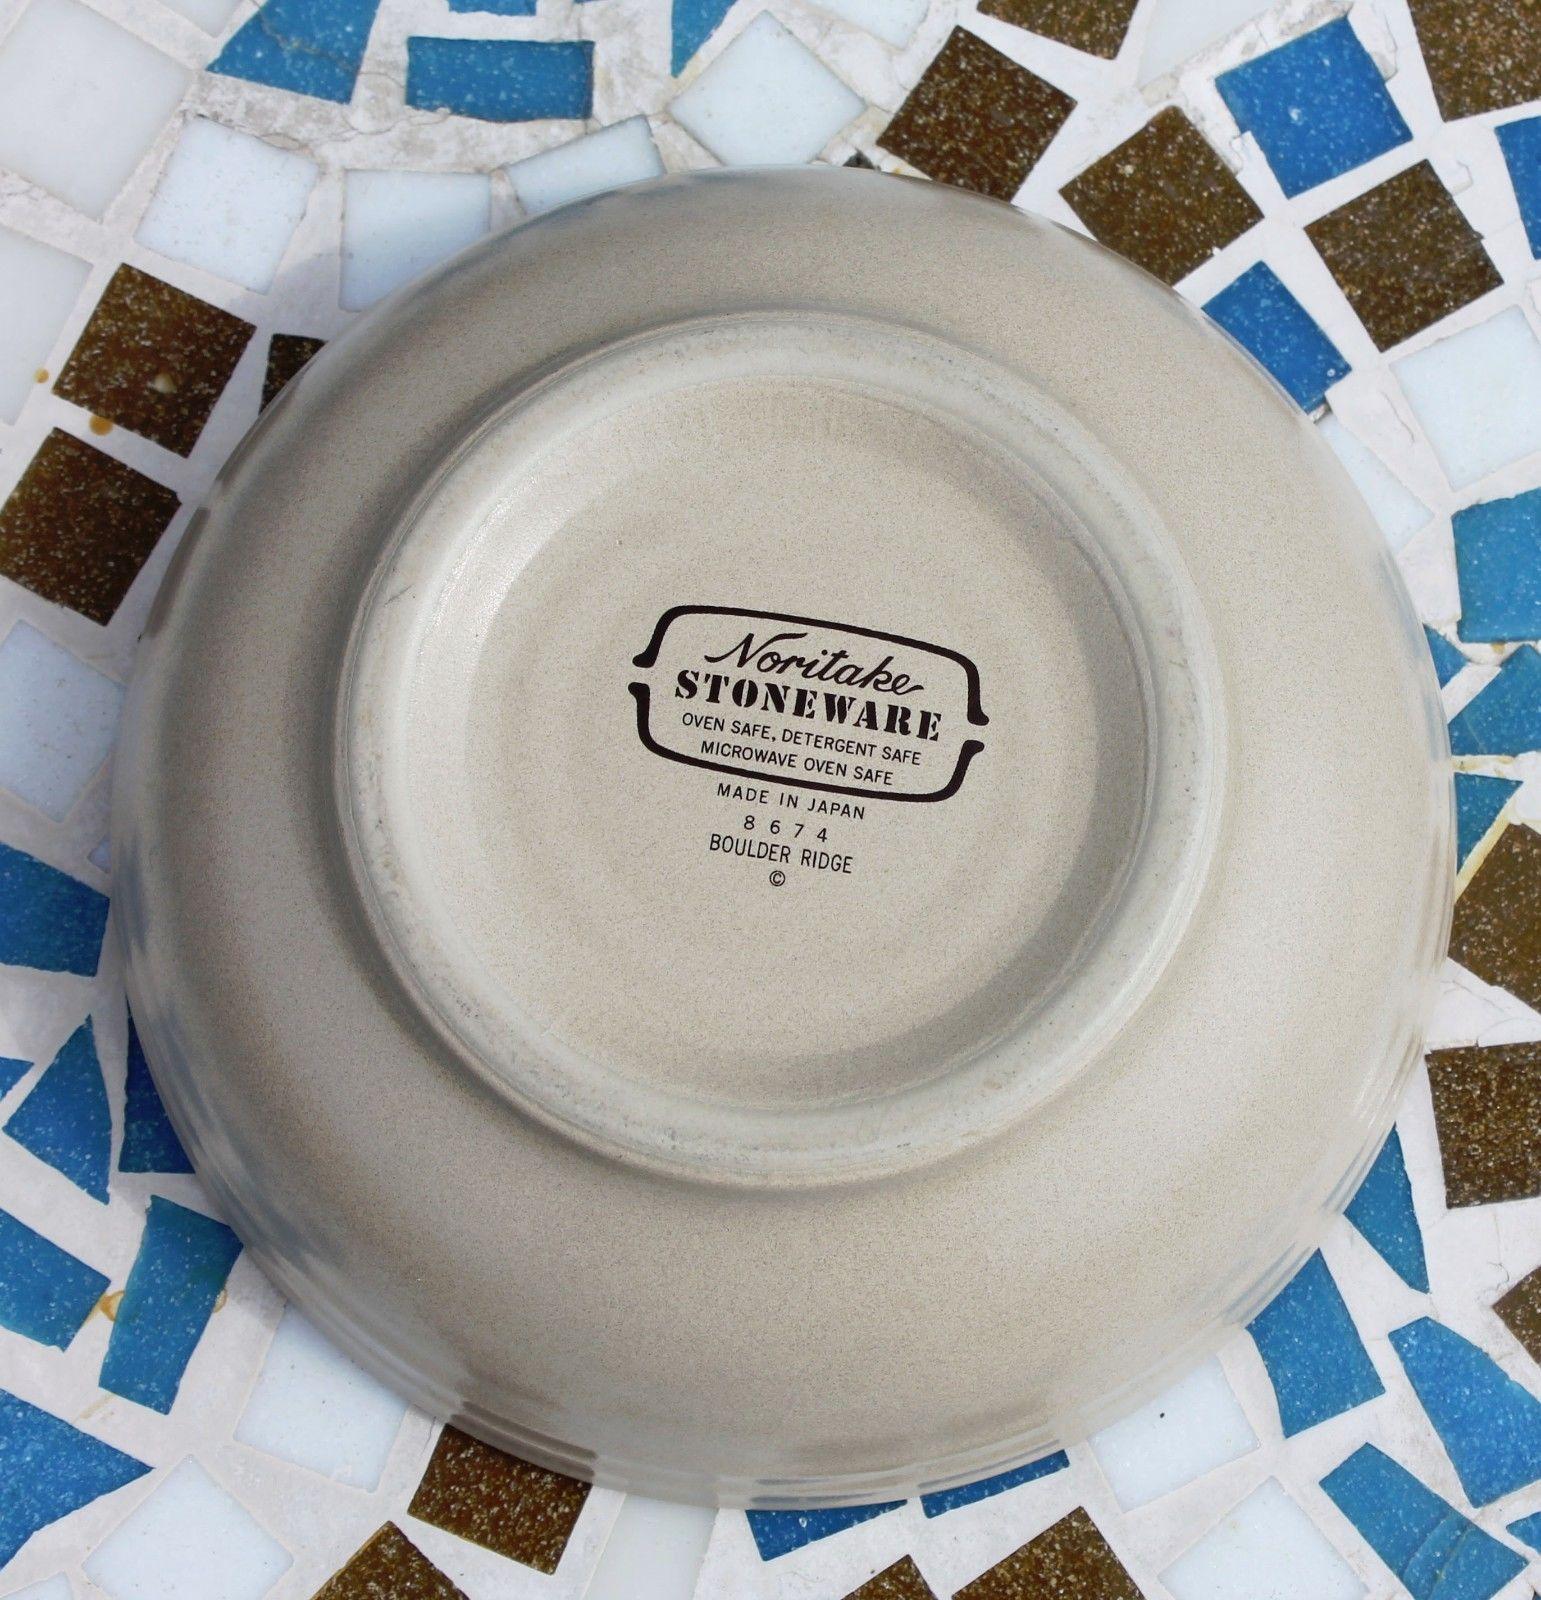 Noritake Stoneware Japan Dinner Plate & Cereal Soup Bowl Boulder Ridge Turquoise image 9